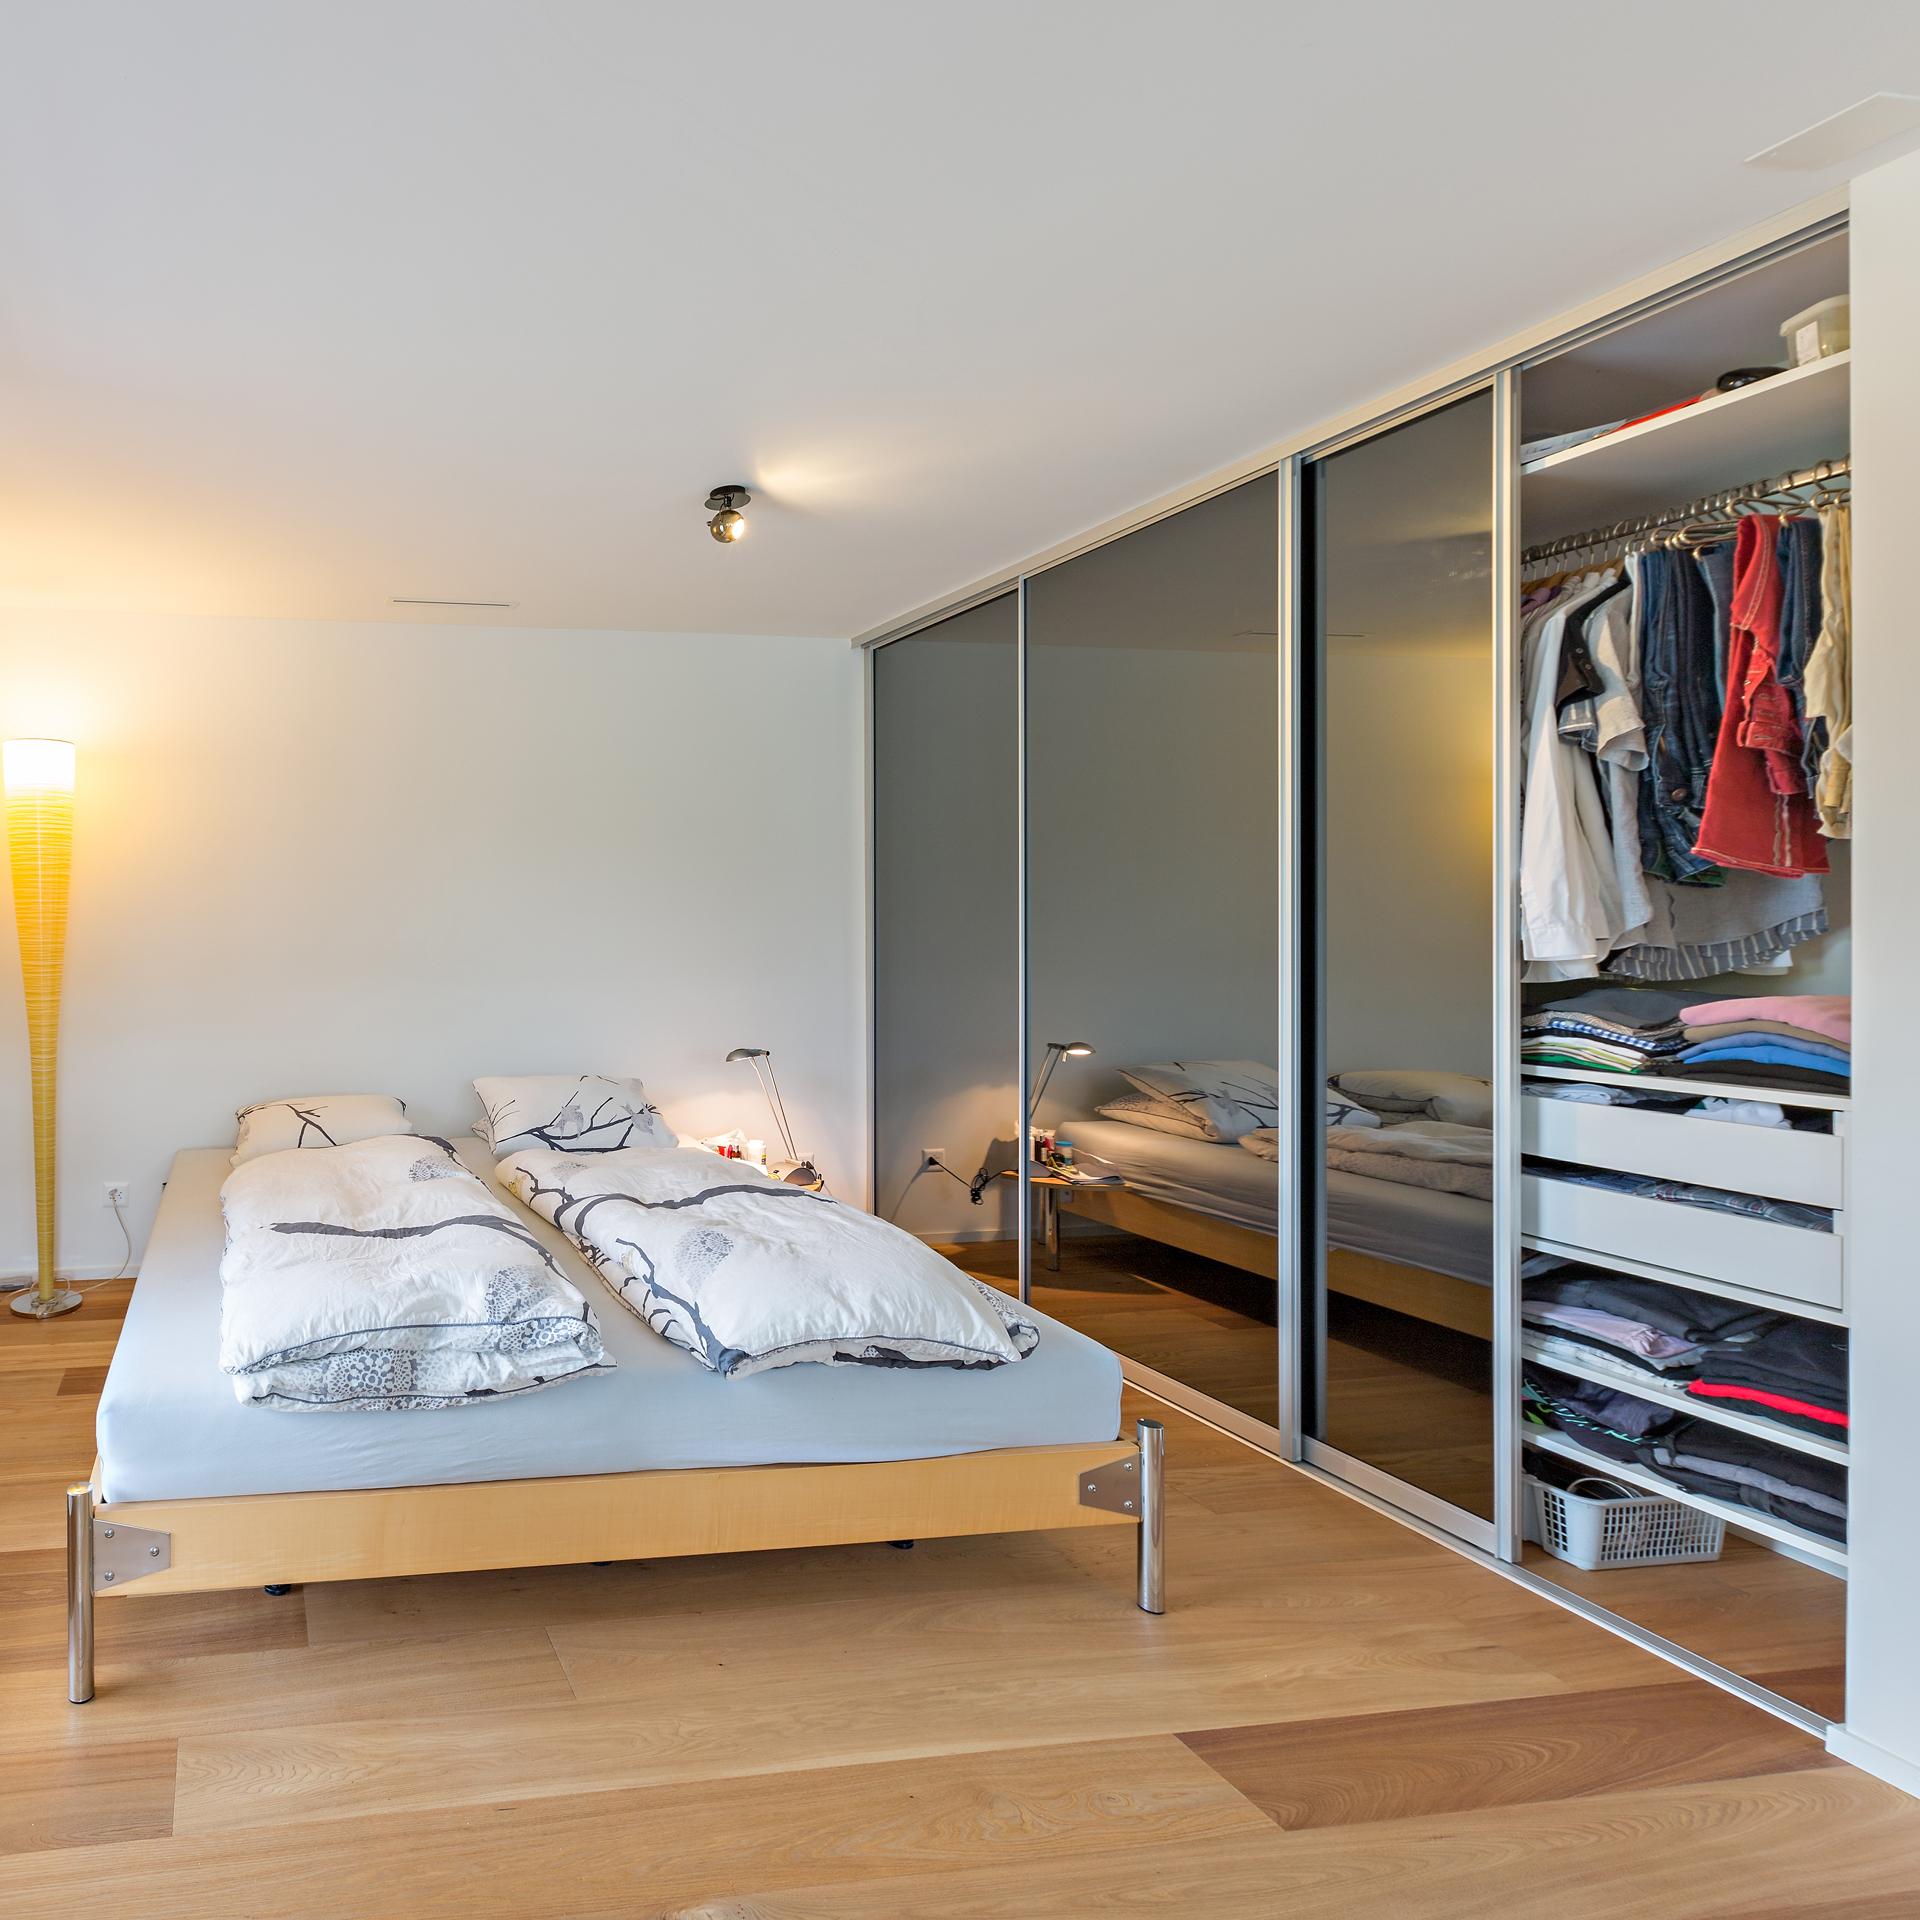 Grauspiegel als Füllung der Schiebetüren im Schlafzimmerschrank | AUF&ZU